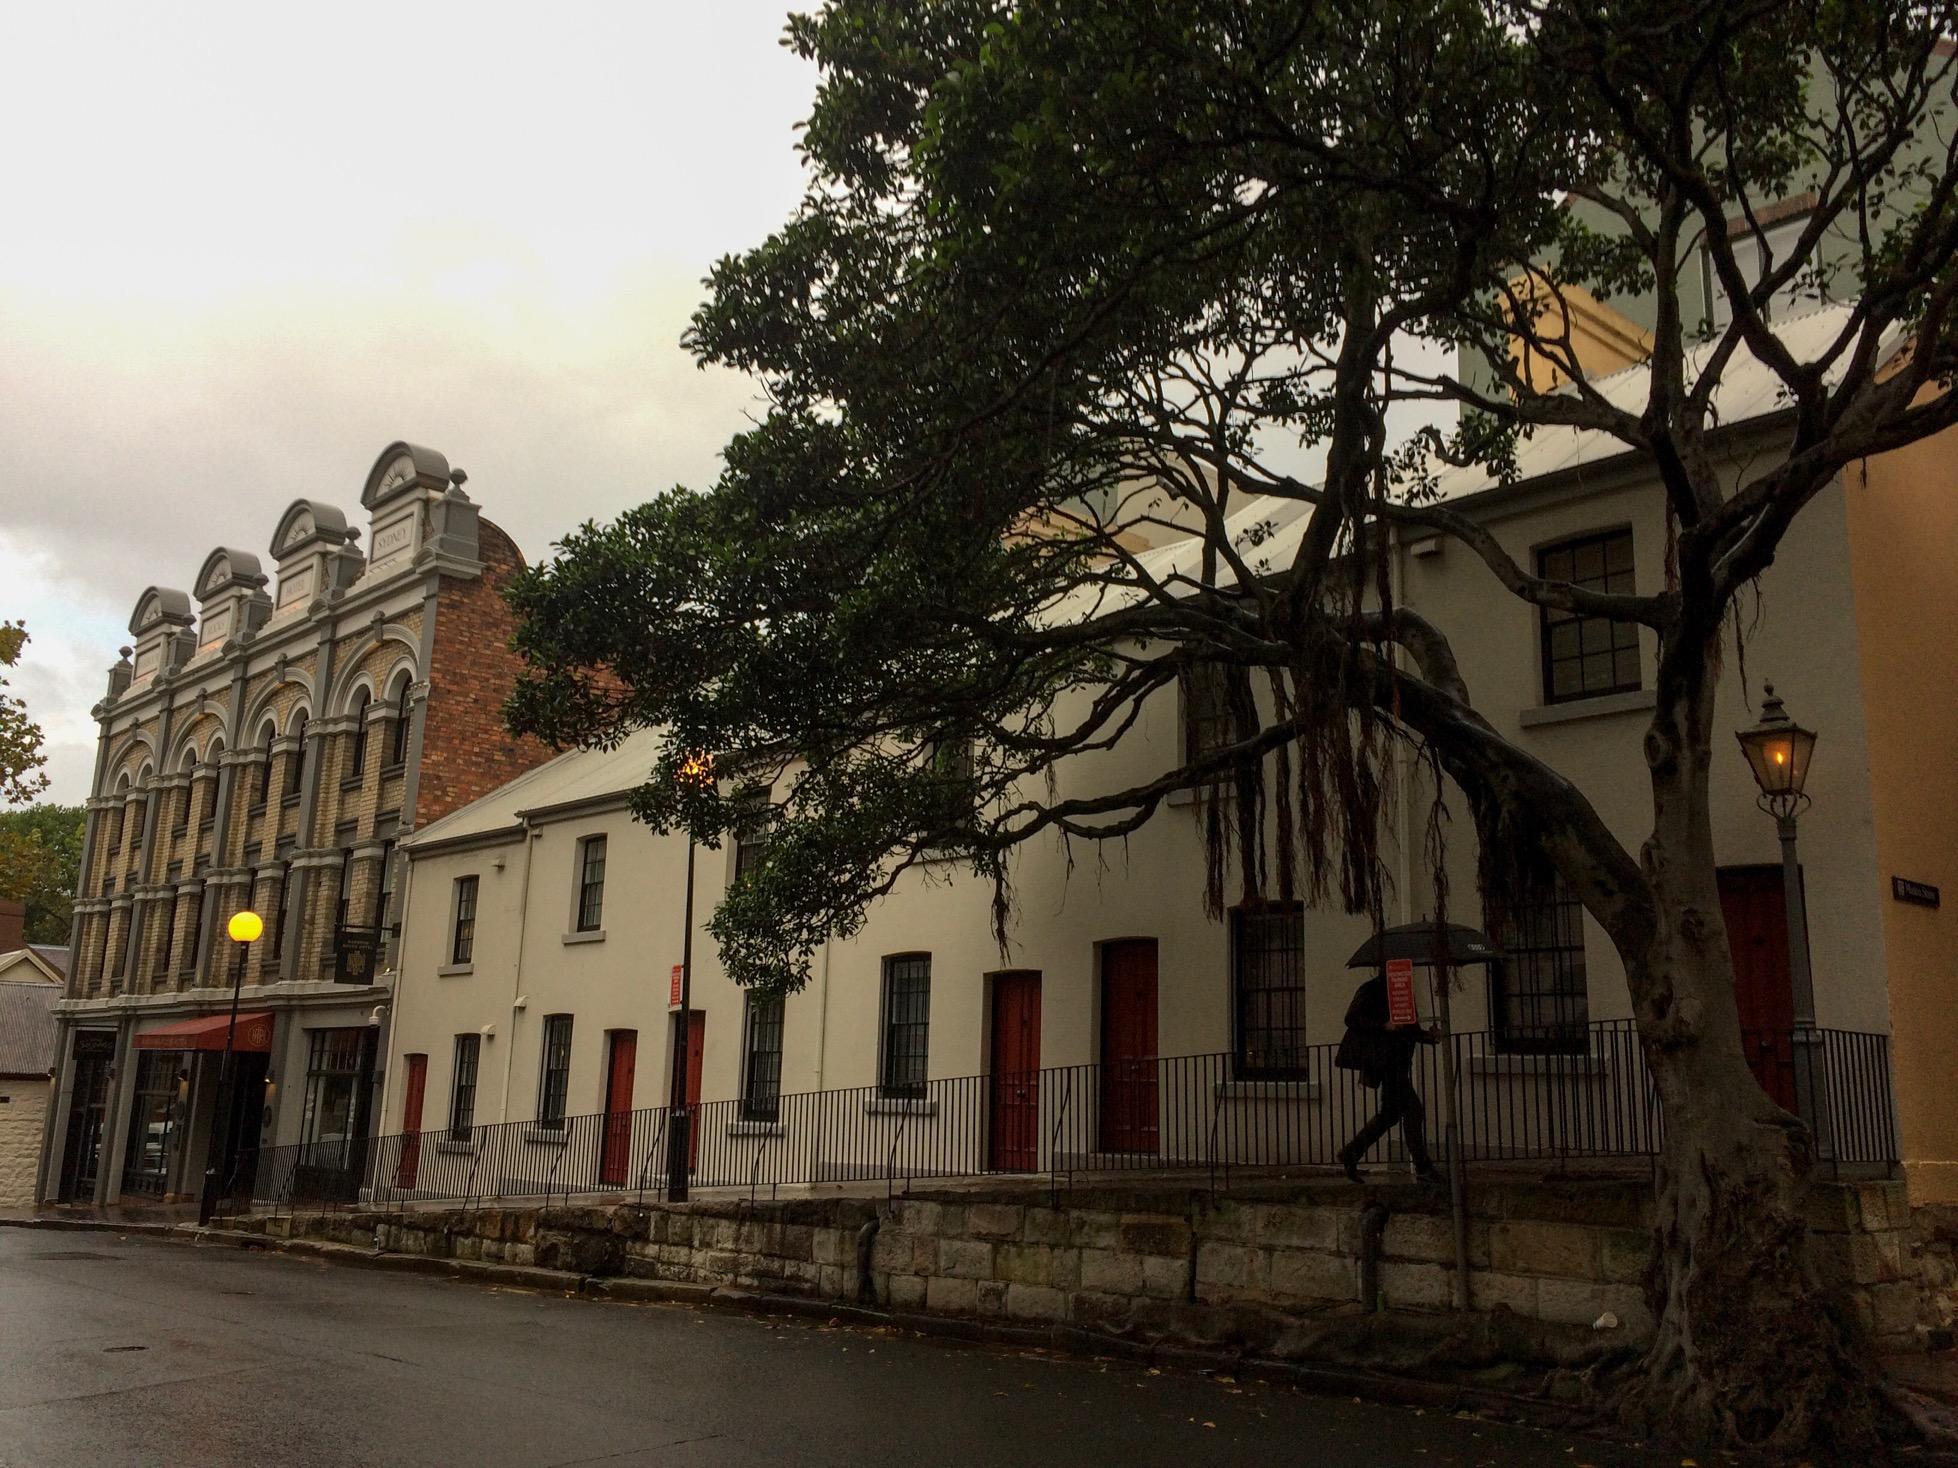 Harrington Street in SydneyHarrington Street, Sydney, Australia